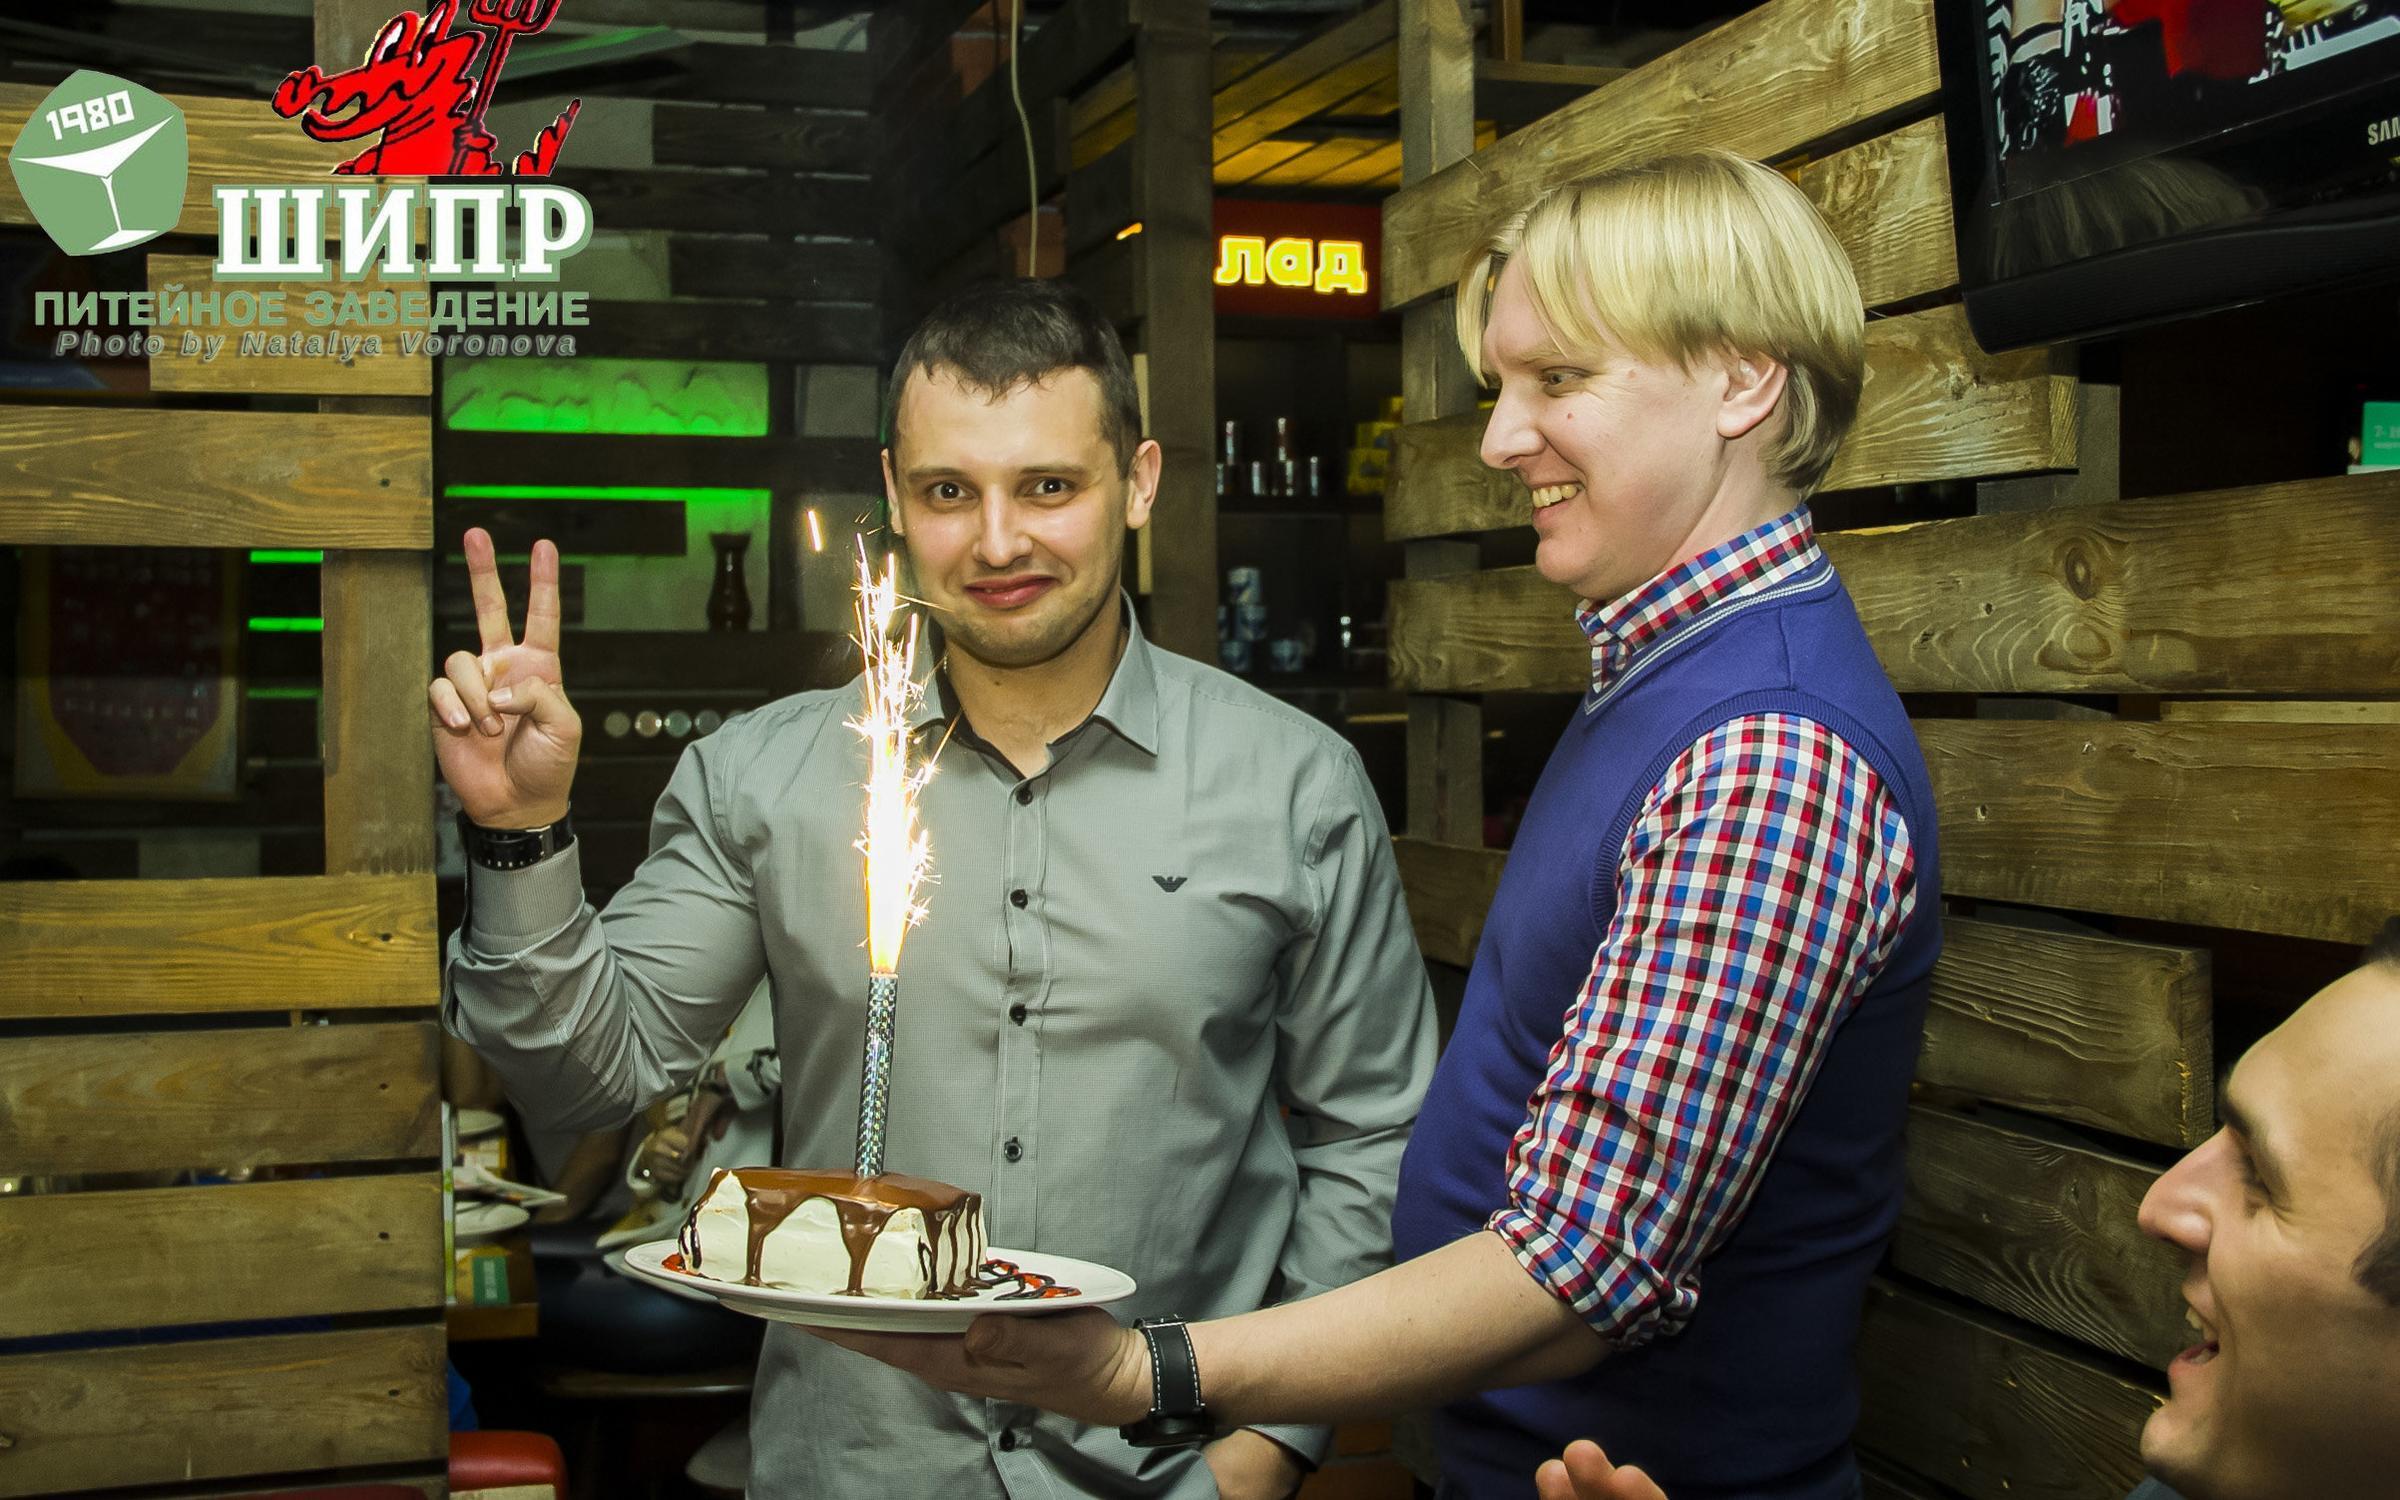 Шипр ульяновск ночной клуб официальный хоккейный клуб динамо москва статистика